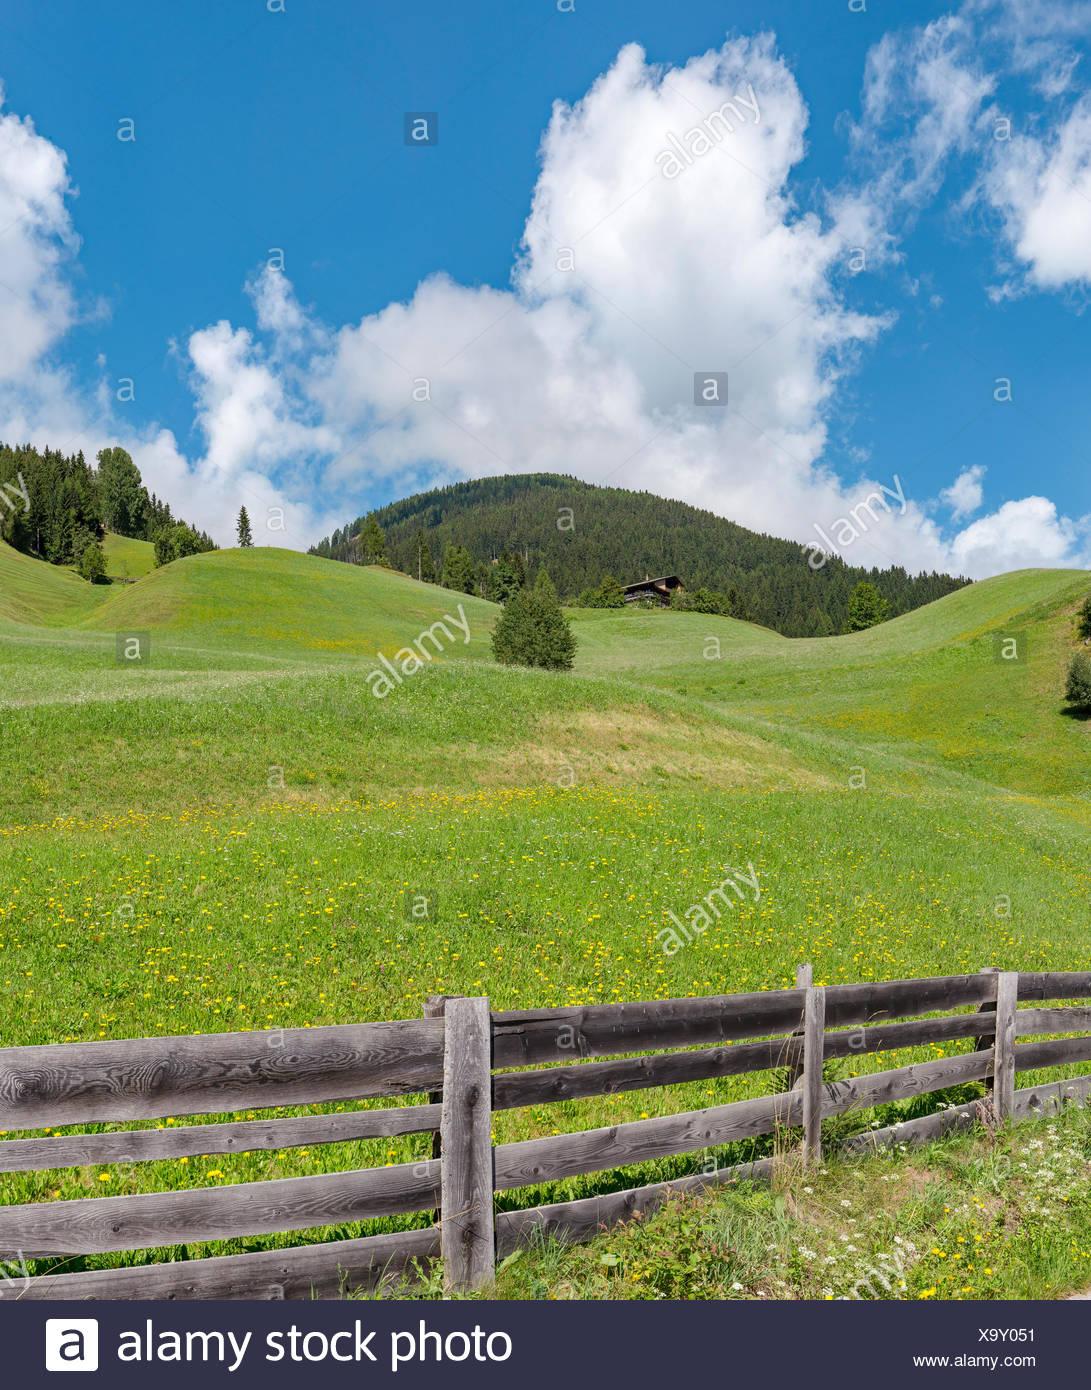 Sillian Autriche,Rolling hills au mont am Gerberbach 201 g Photo Stock